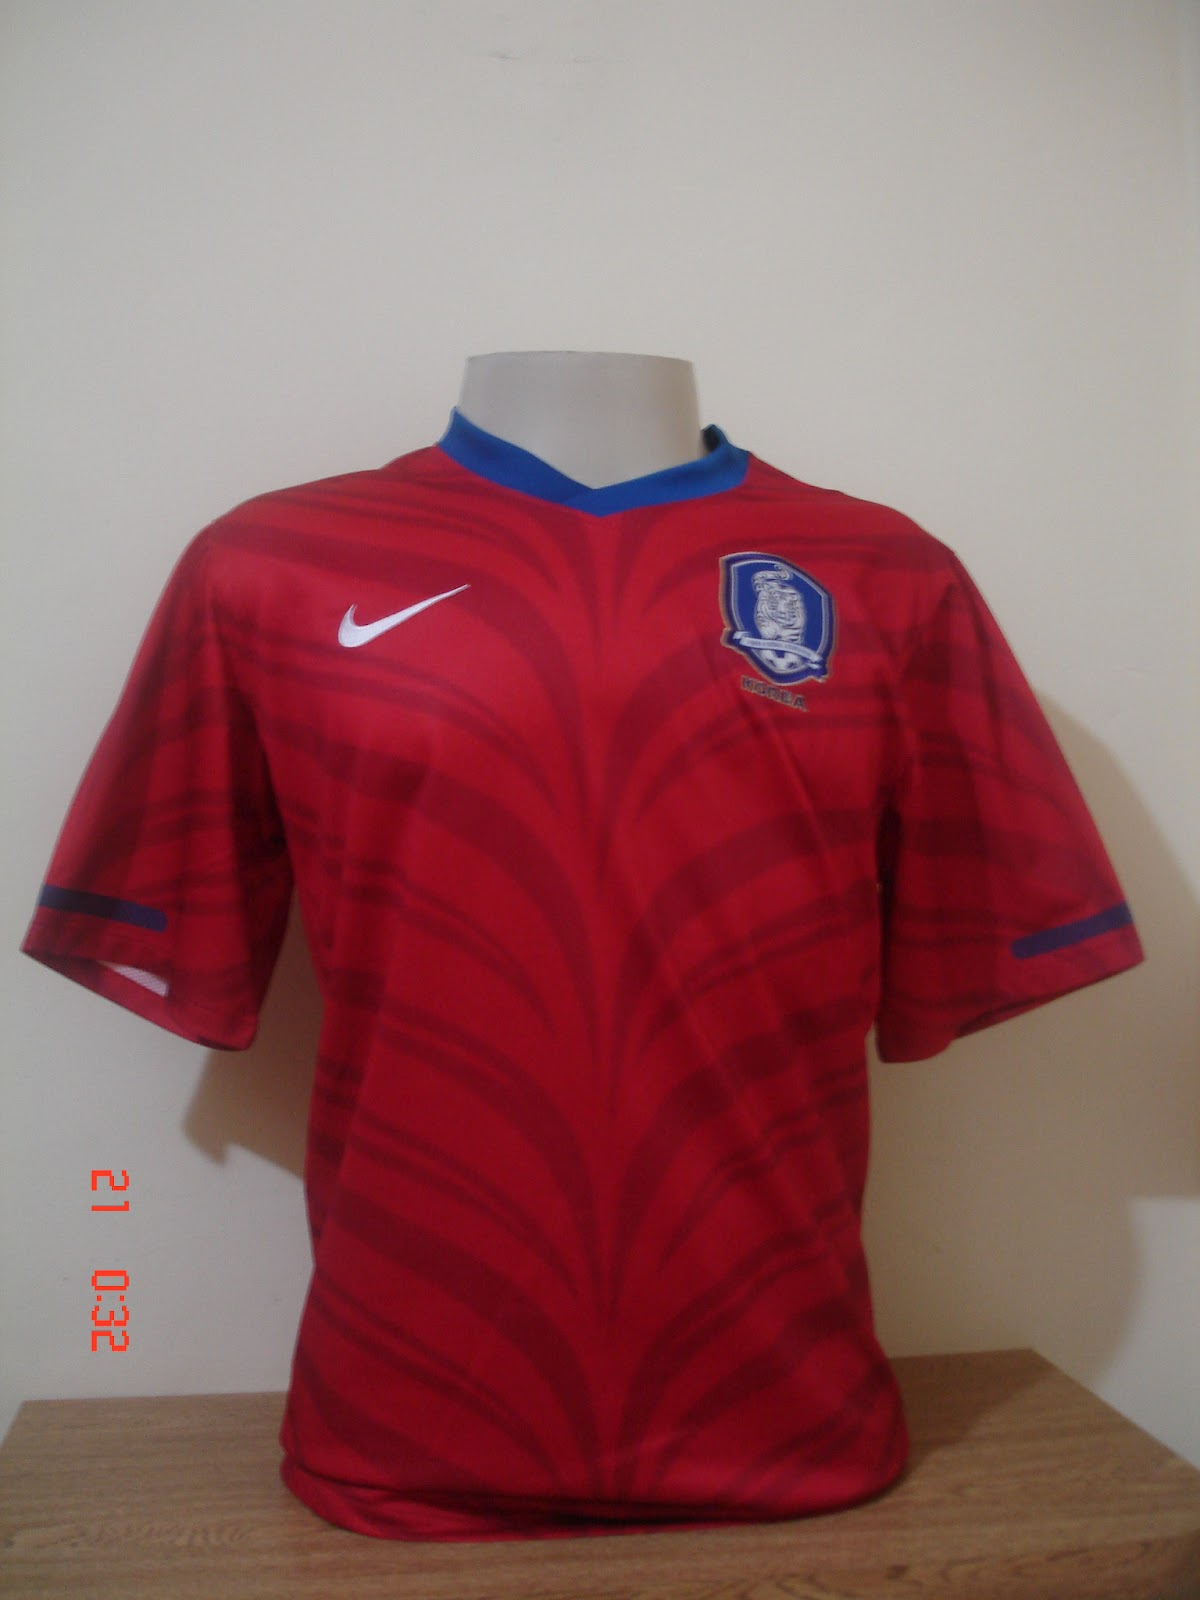 Ela é a camisa mais bonita do Corinthians de todos os tempos. A camisa foi  feita em homenagem ao Torino da Itália 524cb5c8cb76b